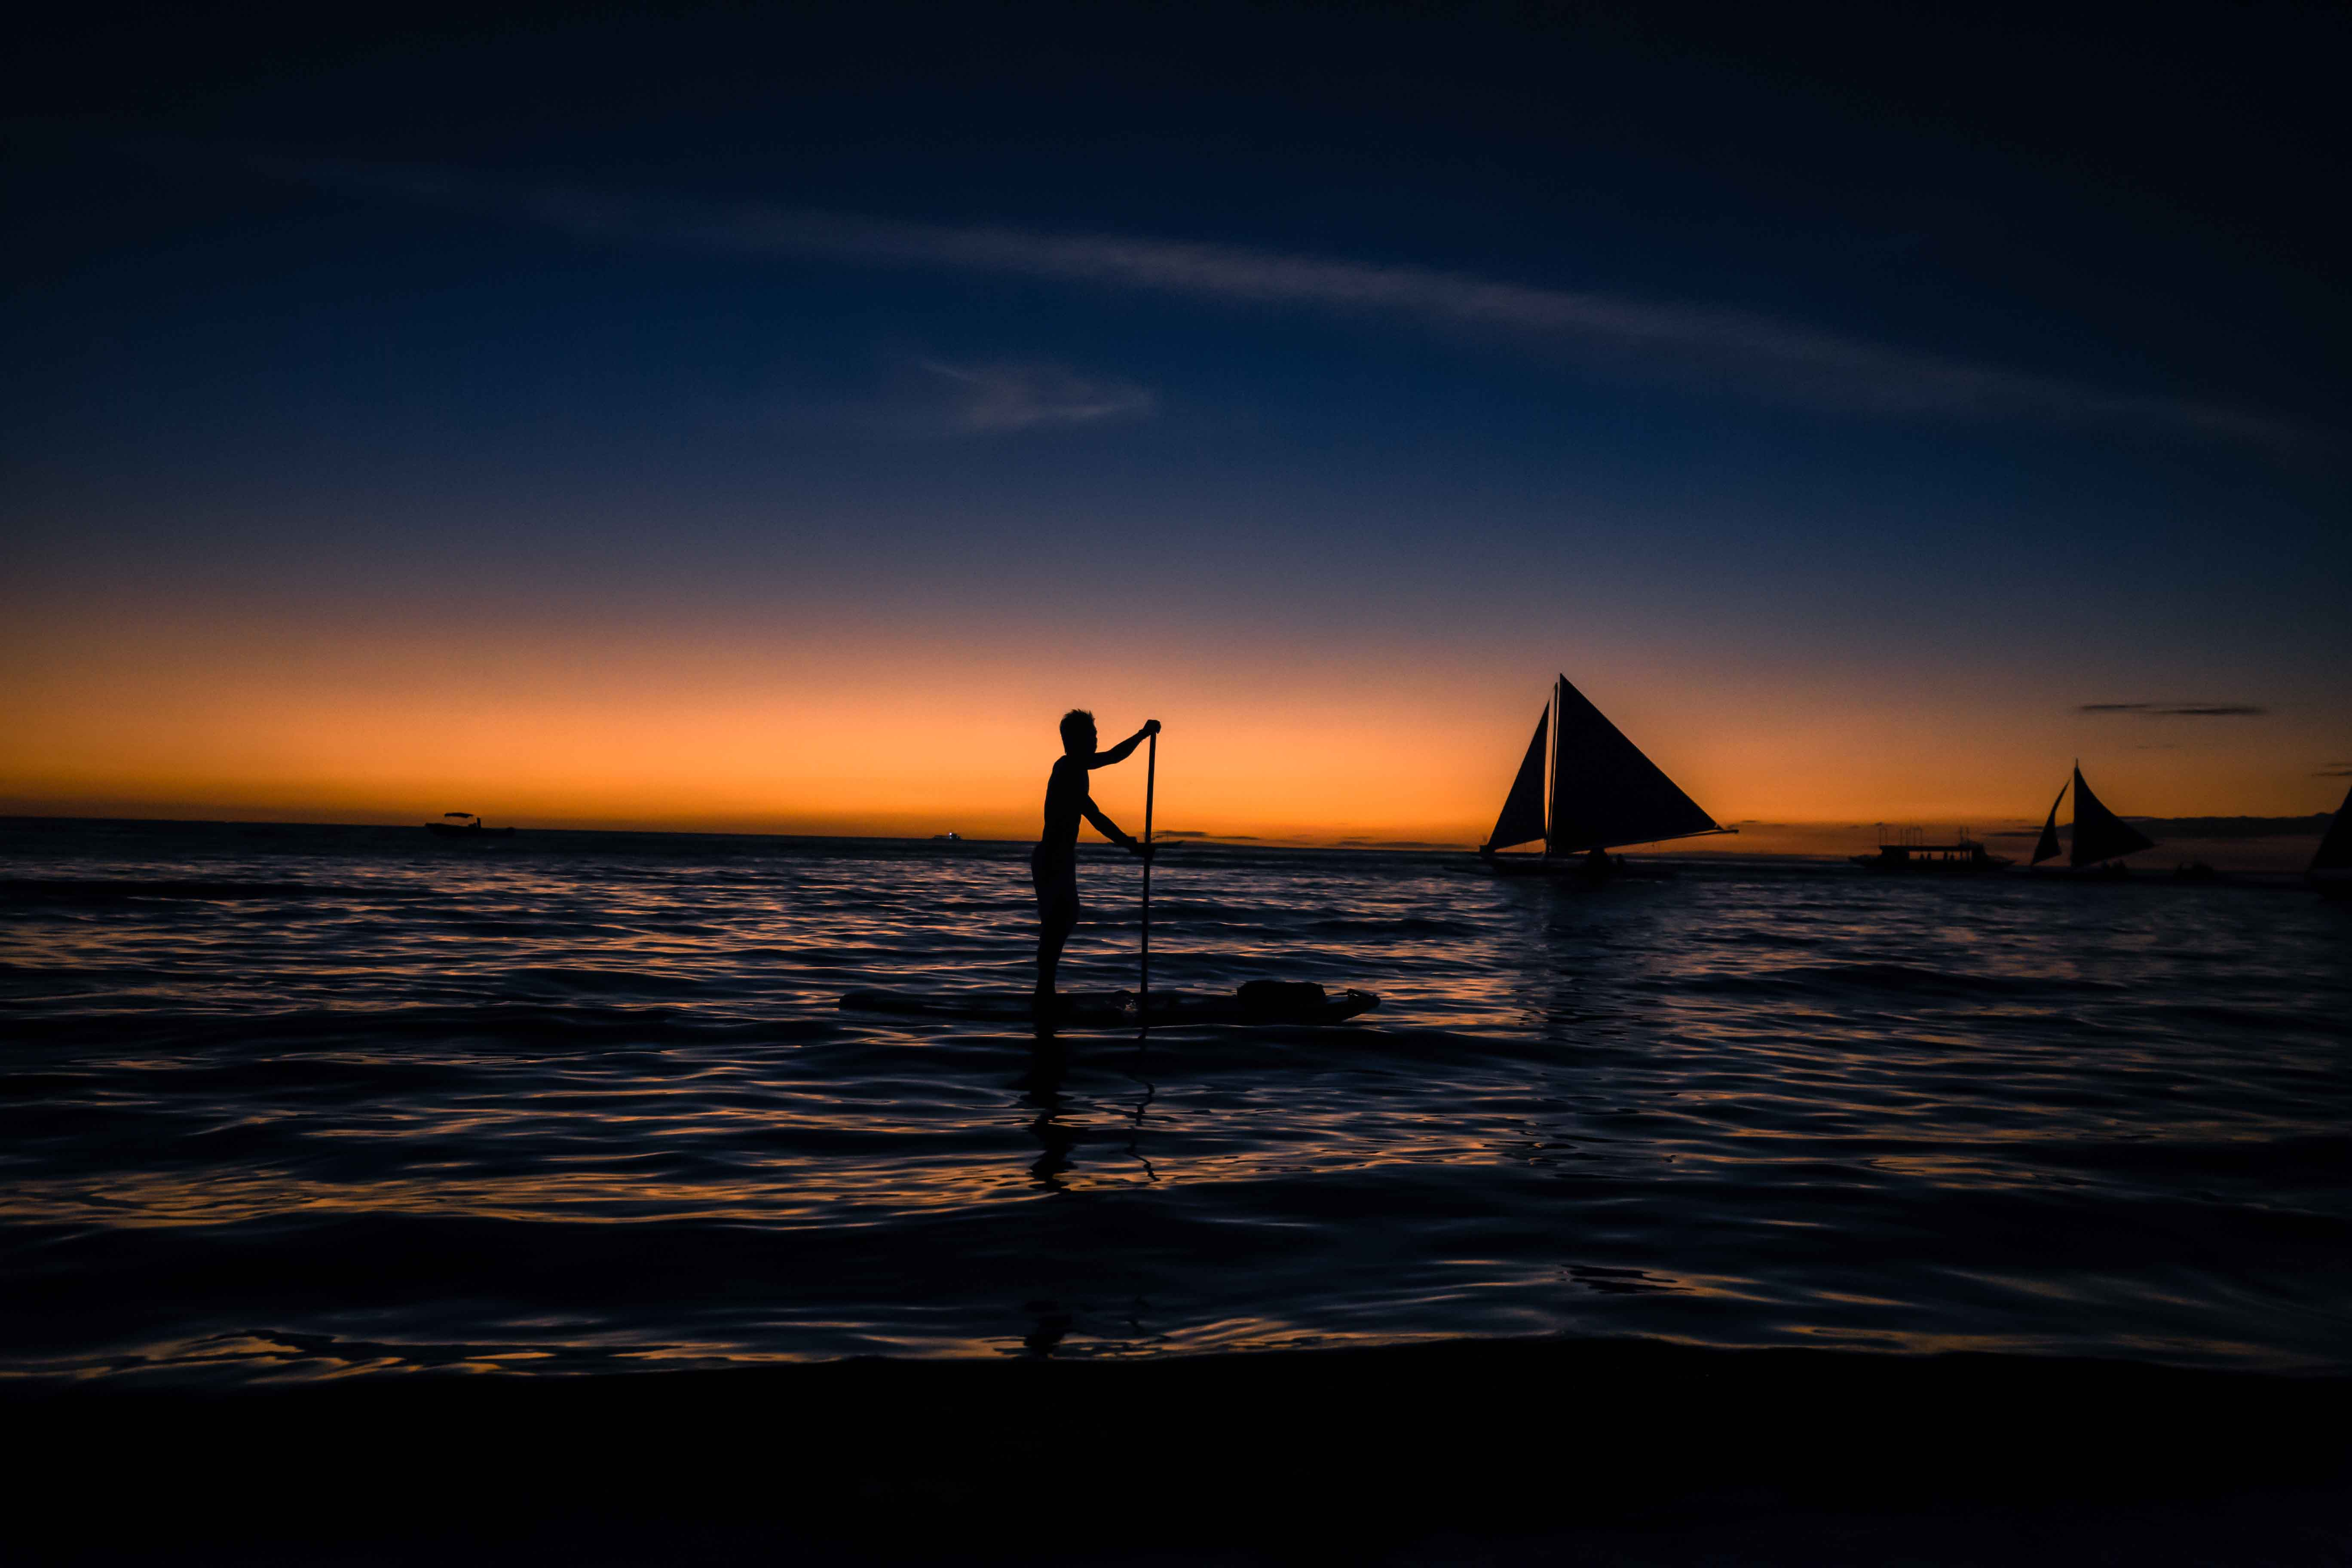 框拉框作品:风帆与木浆